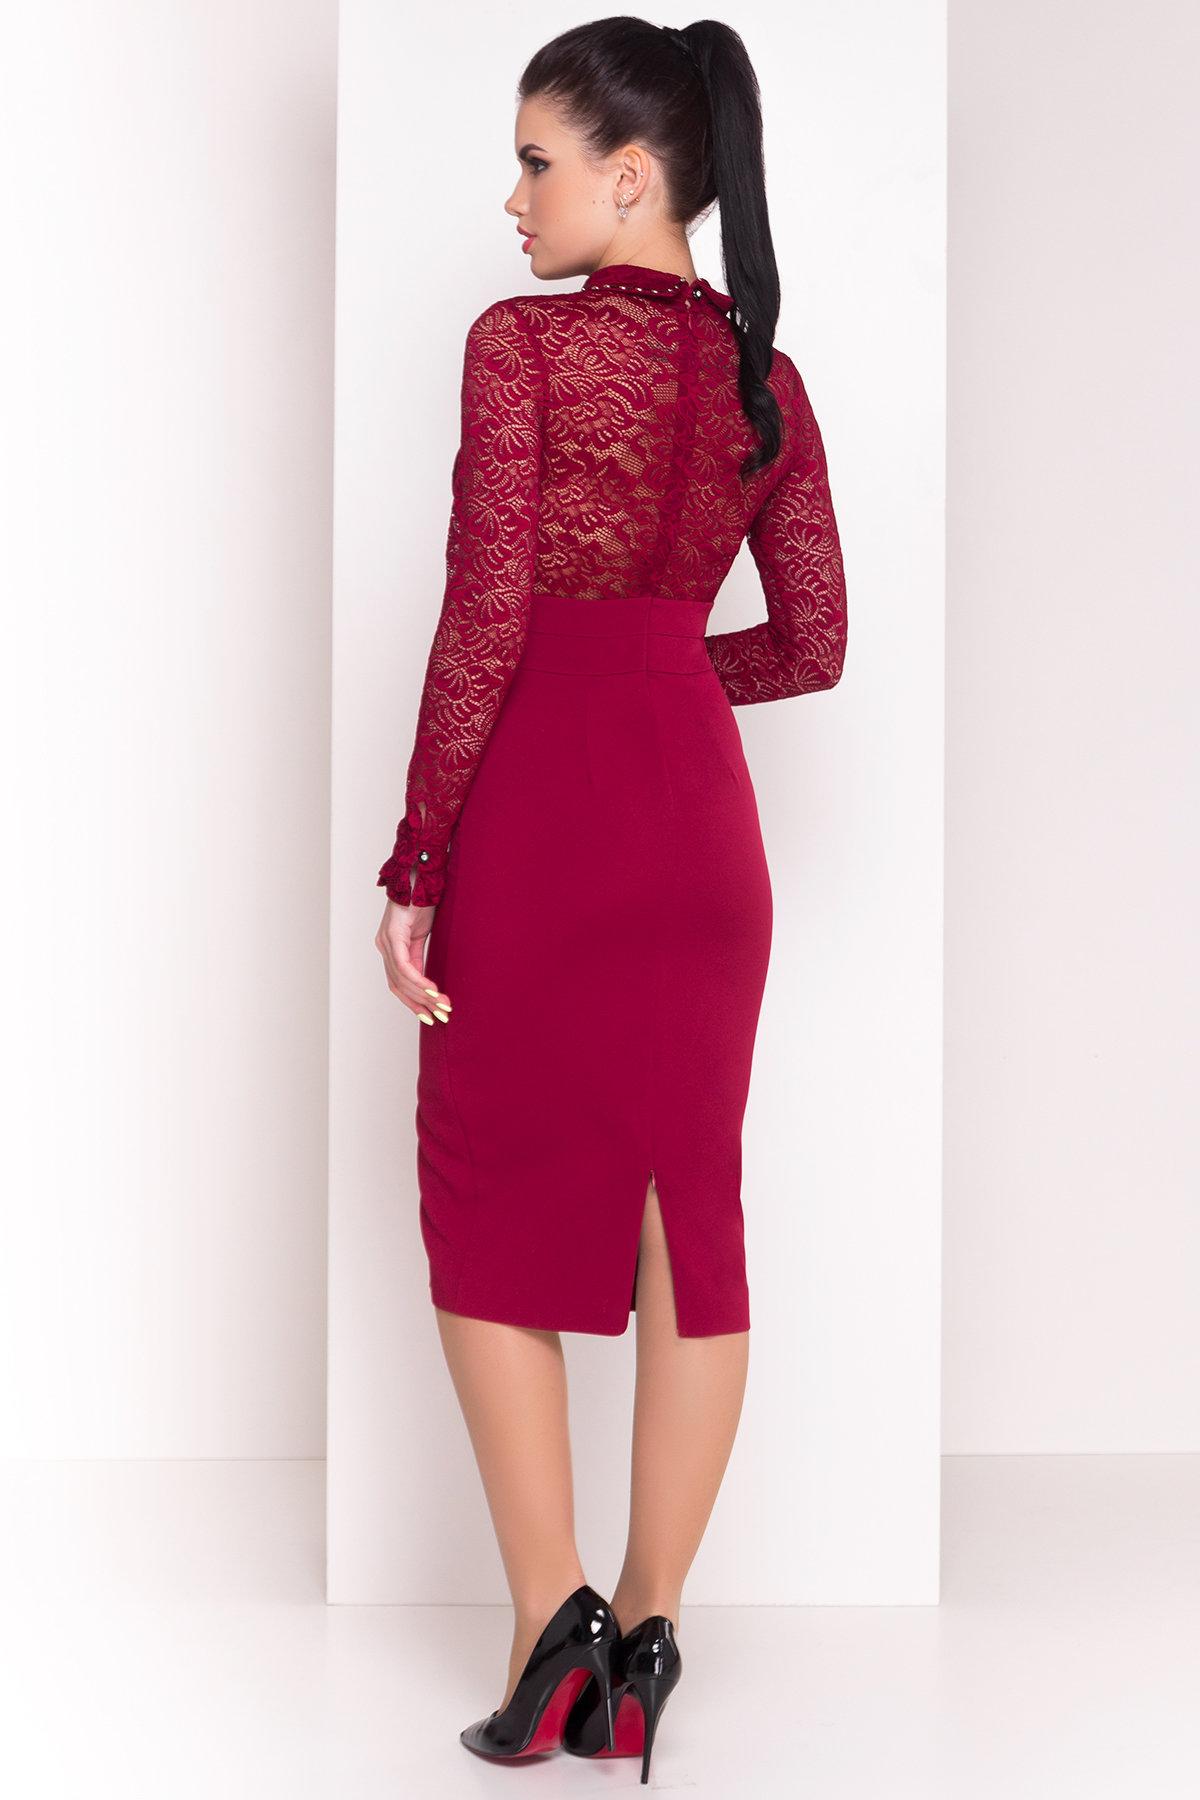 Платье Серсея 4294 АРТ. 20754 Цвет: Марсала - фото 2, интернет магазин tm-modus.ru